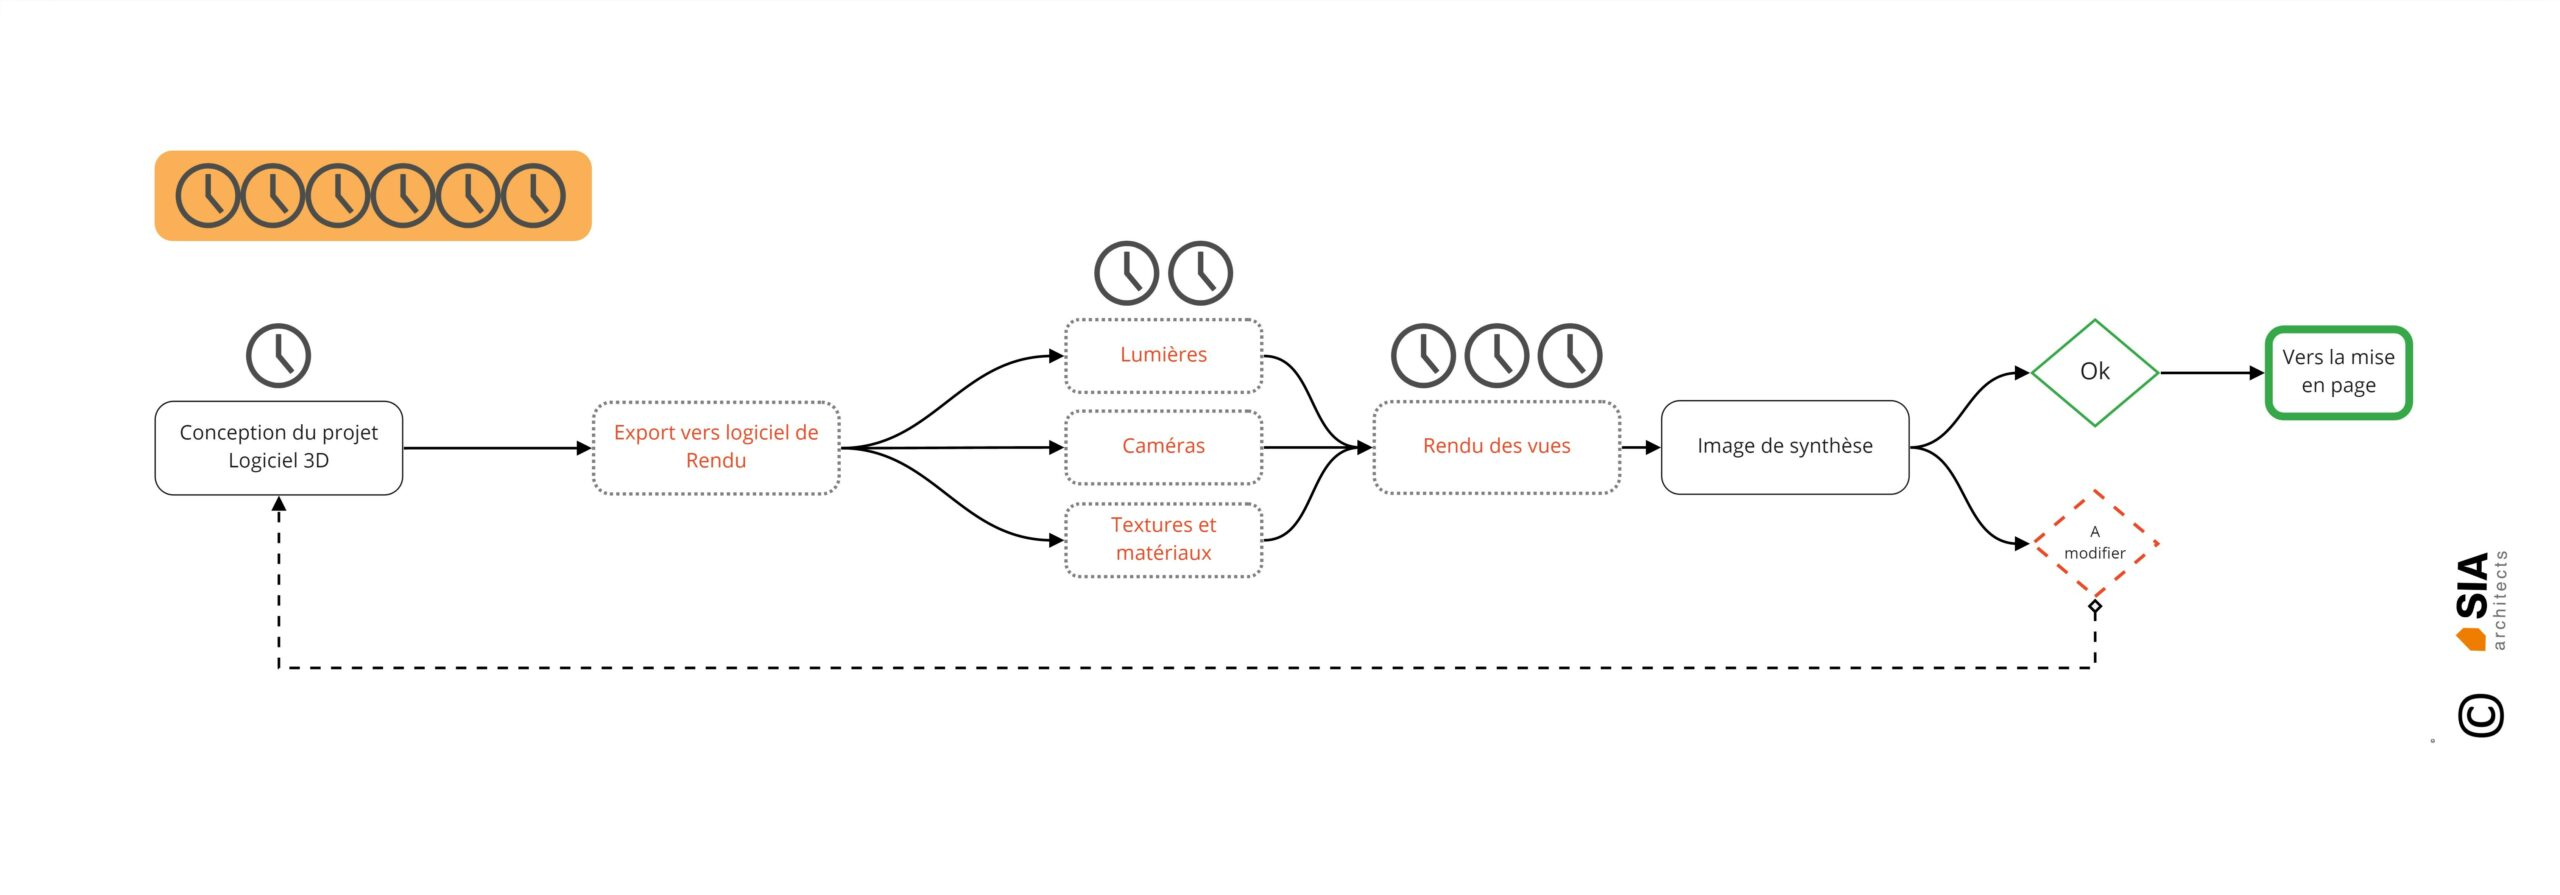 Conception architecturale - Architecture 3D - Process évolué - SIA.architects